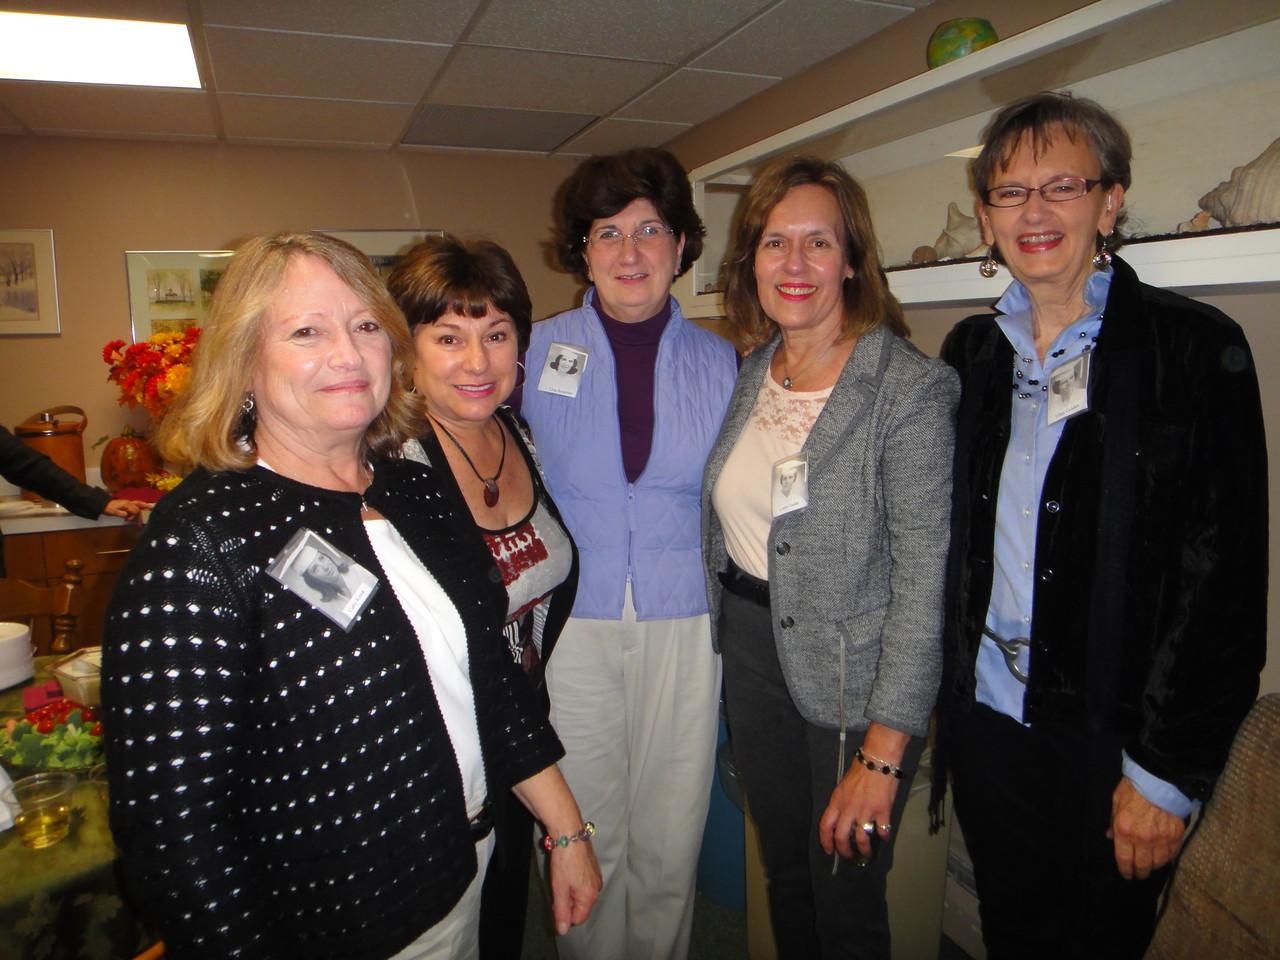 Cathy Krisak, Joanne Giambattista, Elva Accarino, Lorraine Gudas, Ellen Golden